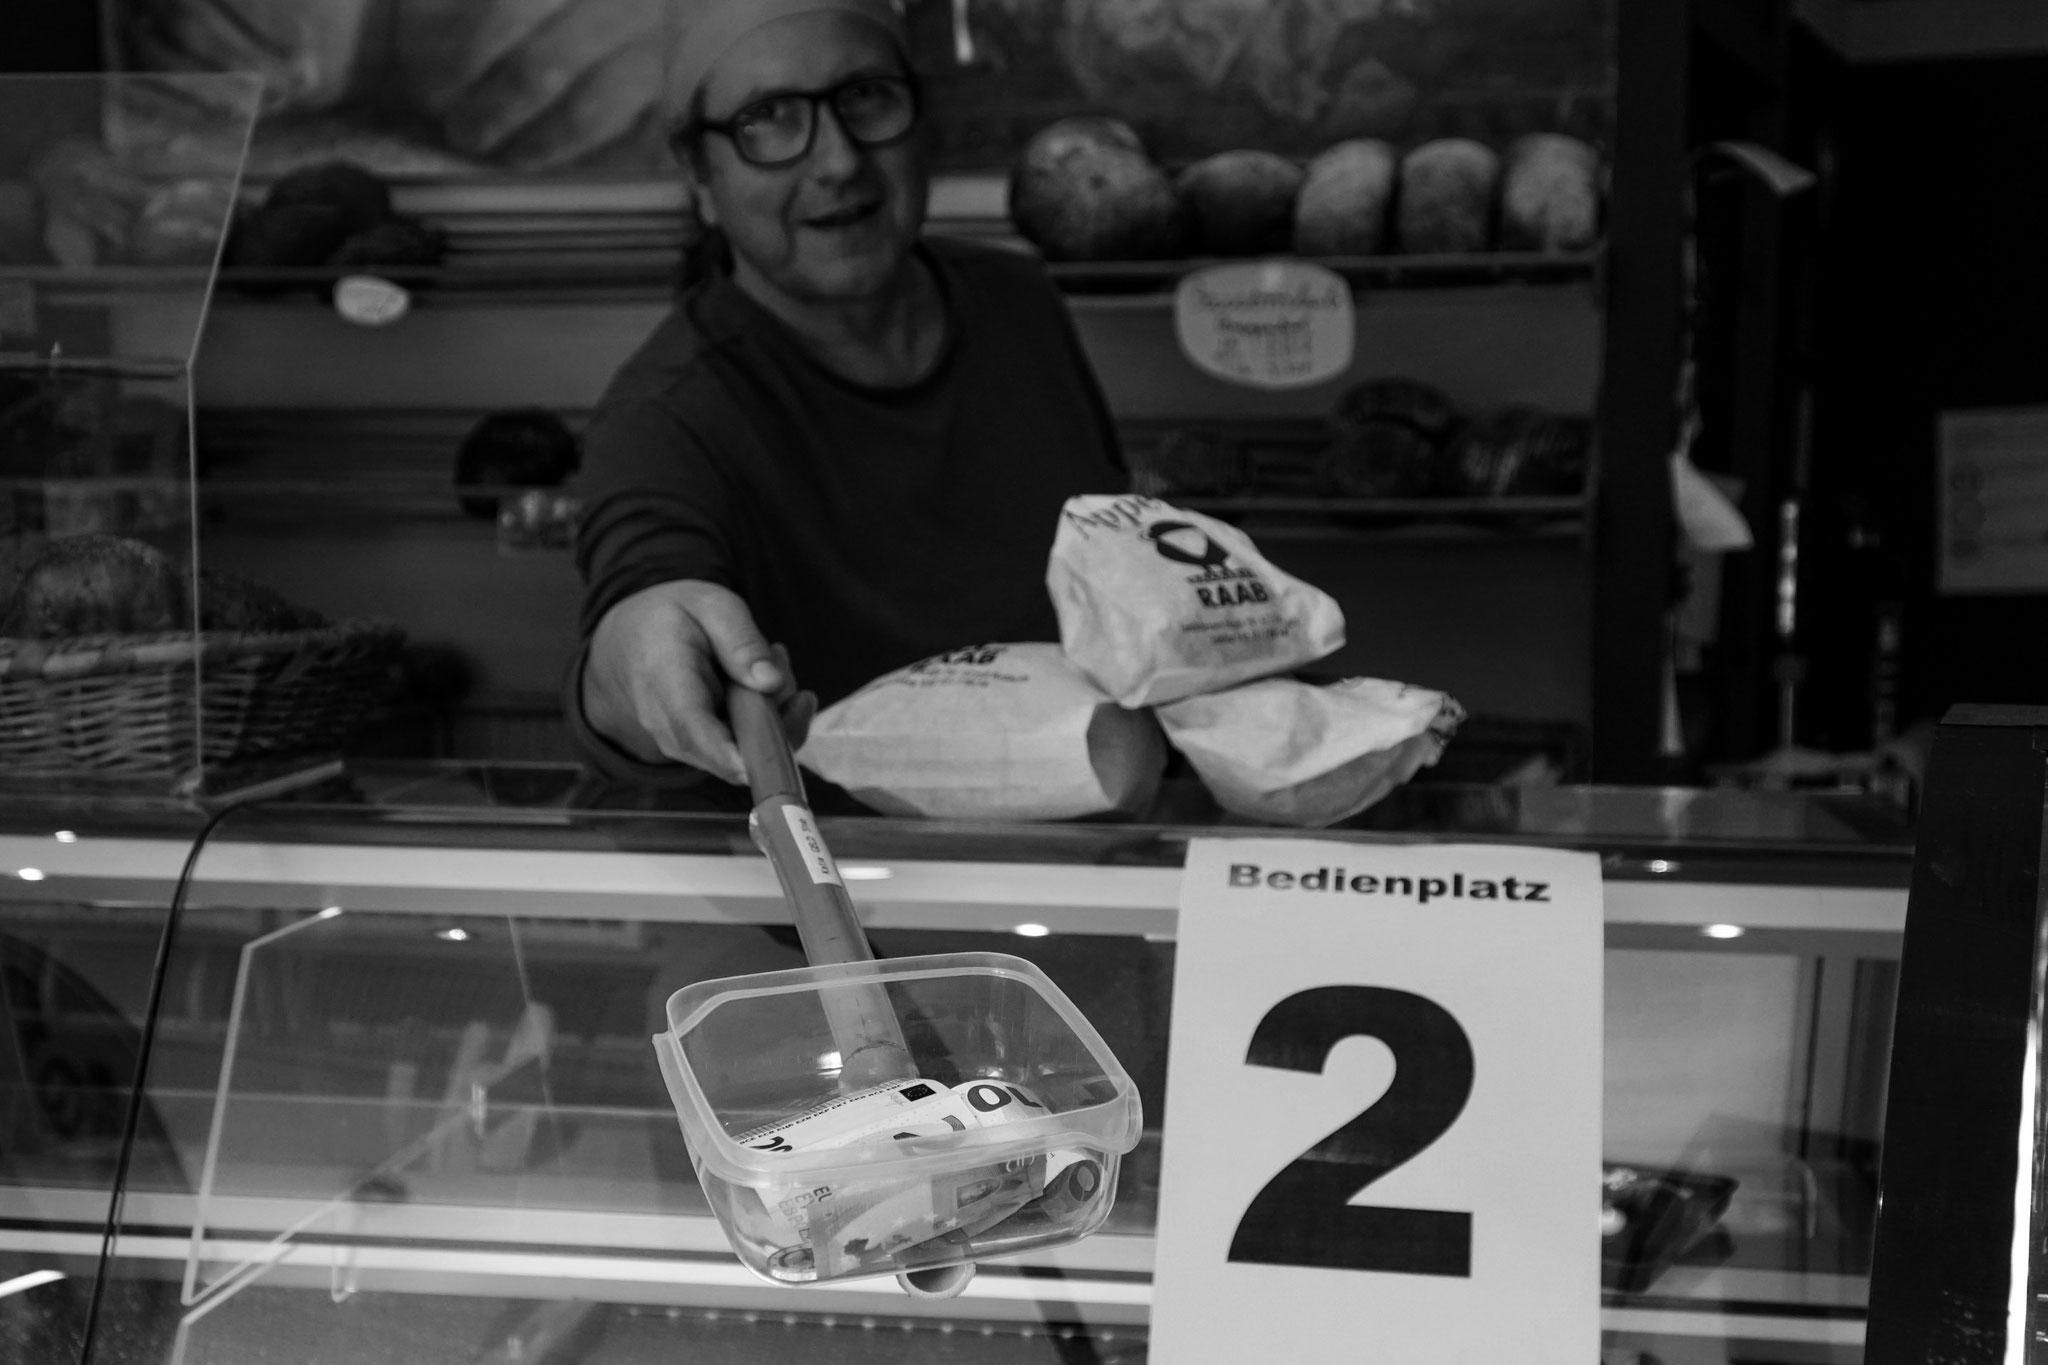 24.3.2020 | Heßheim | Bäckerei Raab | Übergabe Wechselgeld